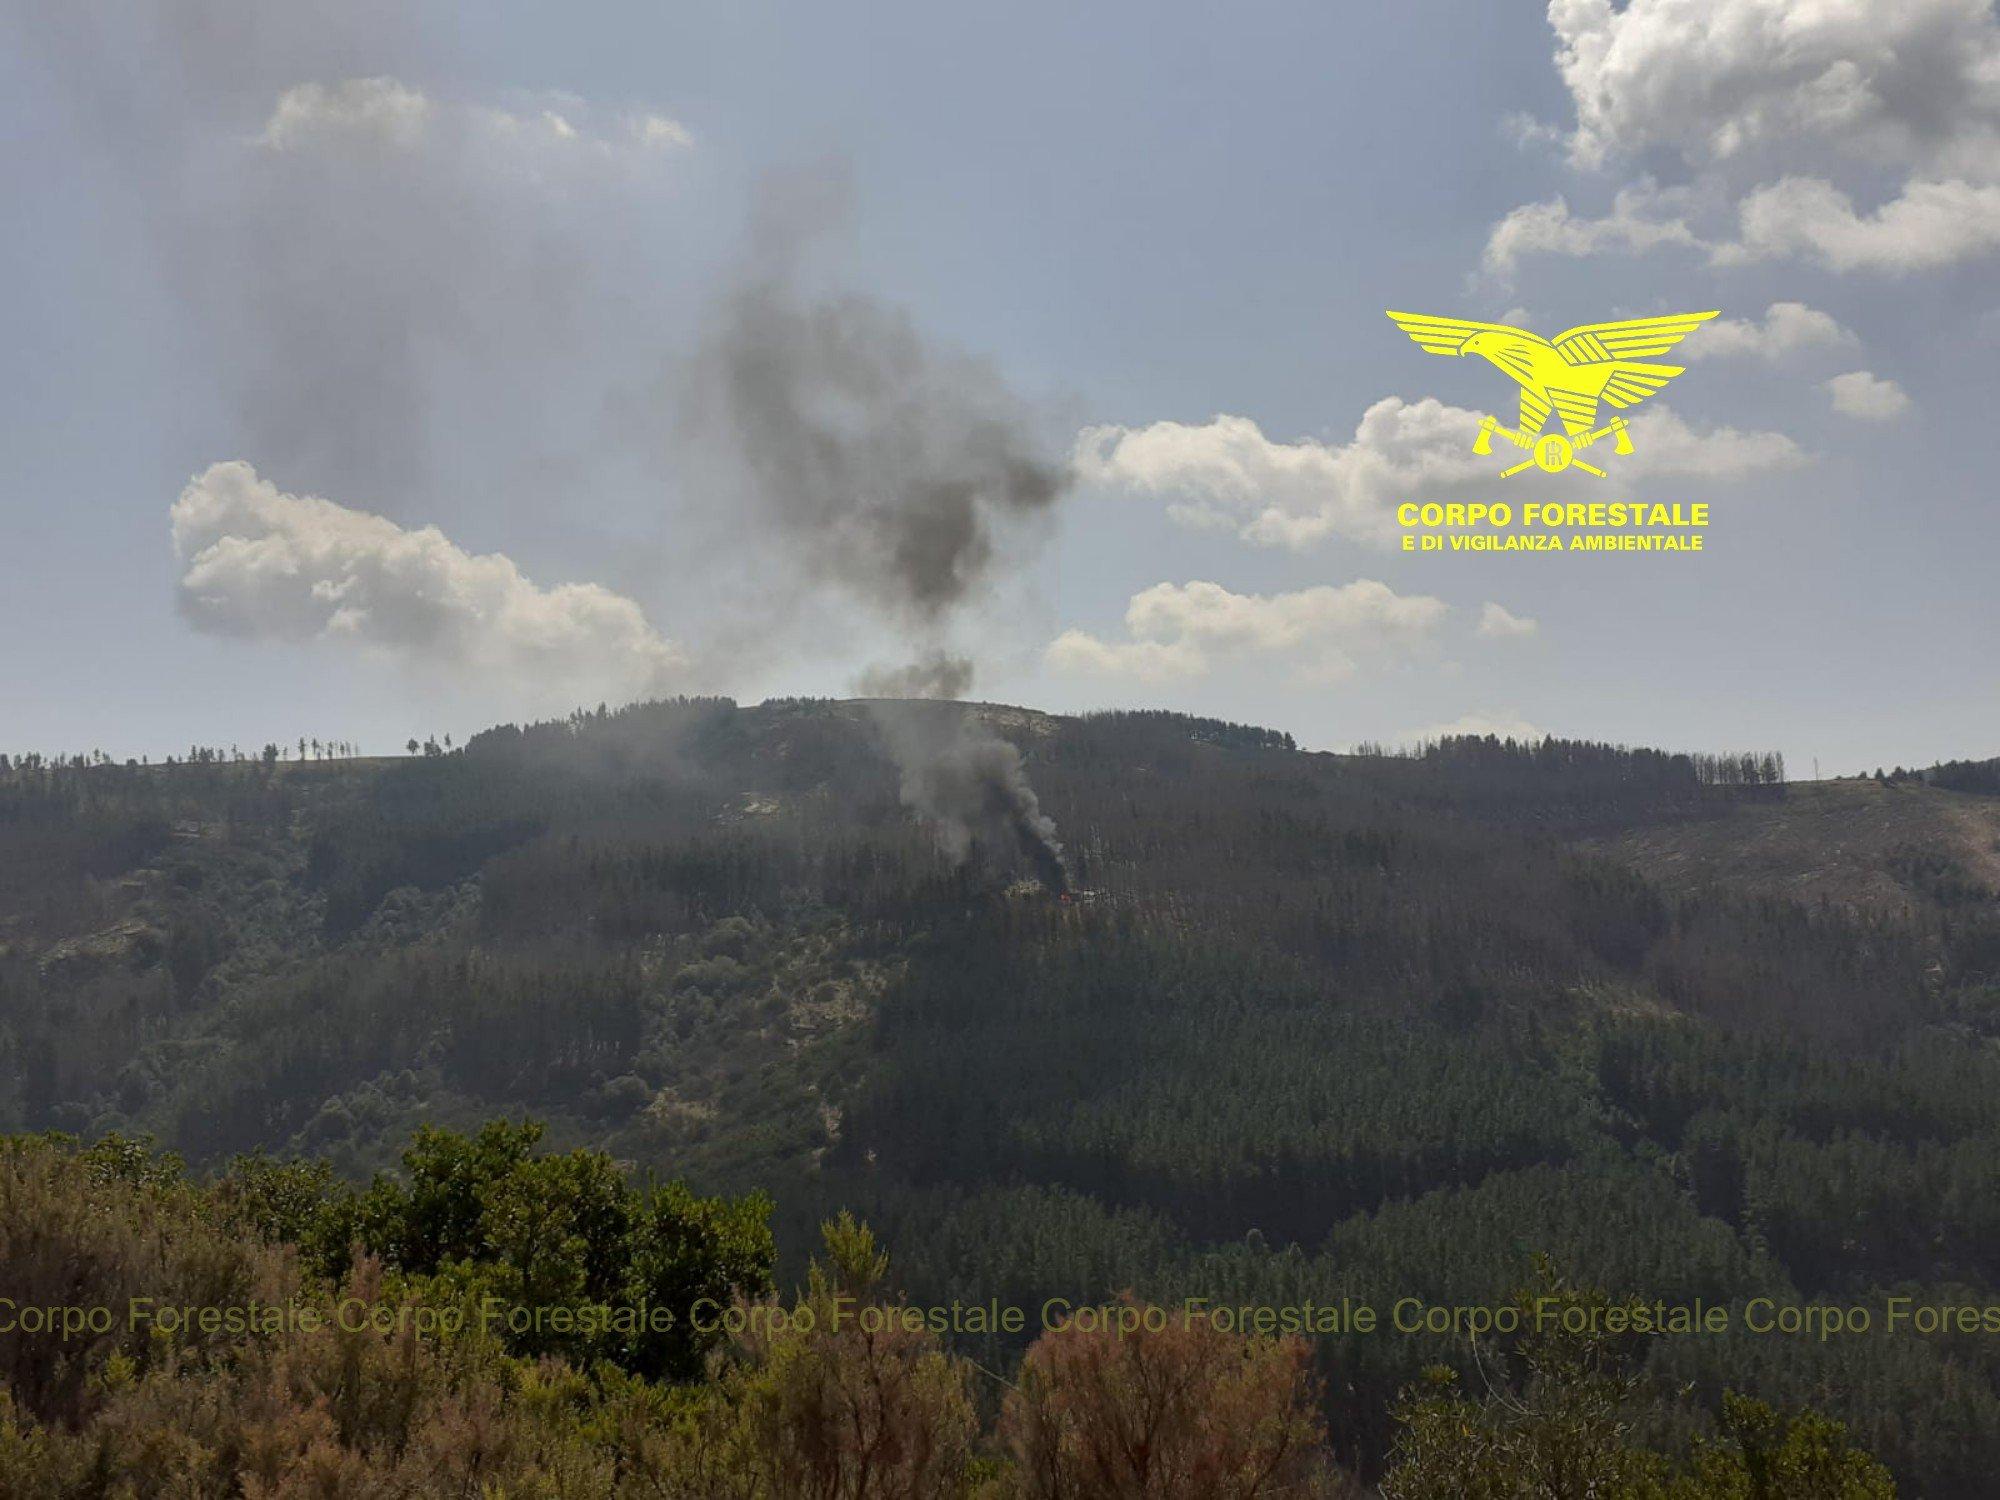 Oggi tre incendi, in Sardegna, hanno richiesto l'intervento del mezzo aereo del Corpo forestale.